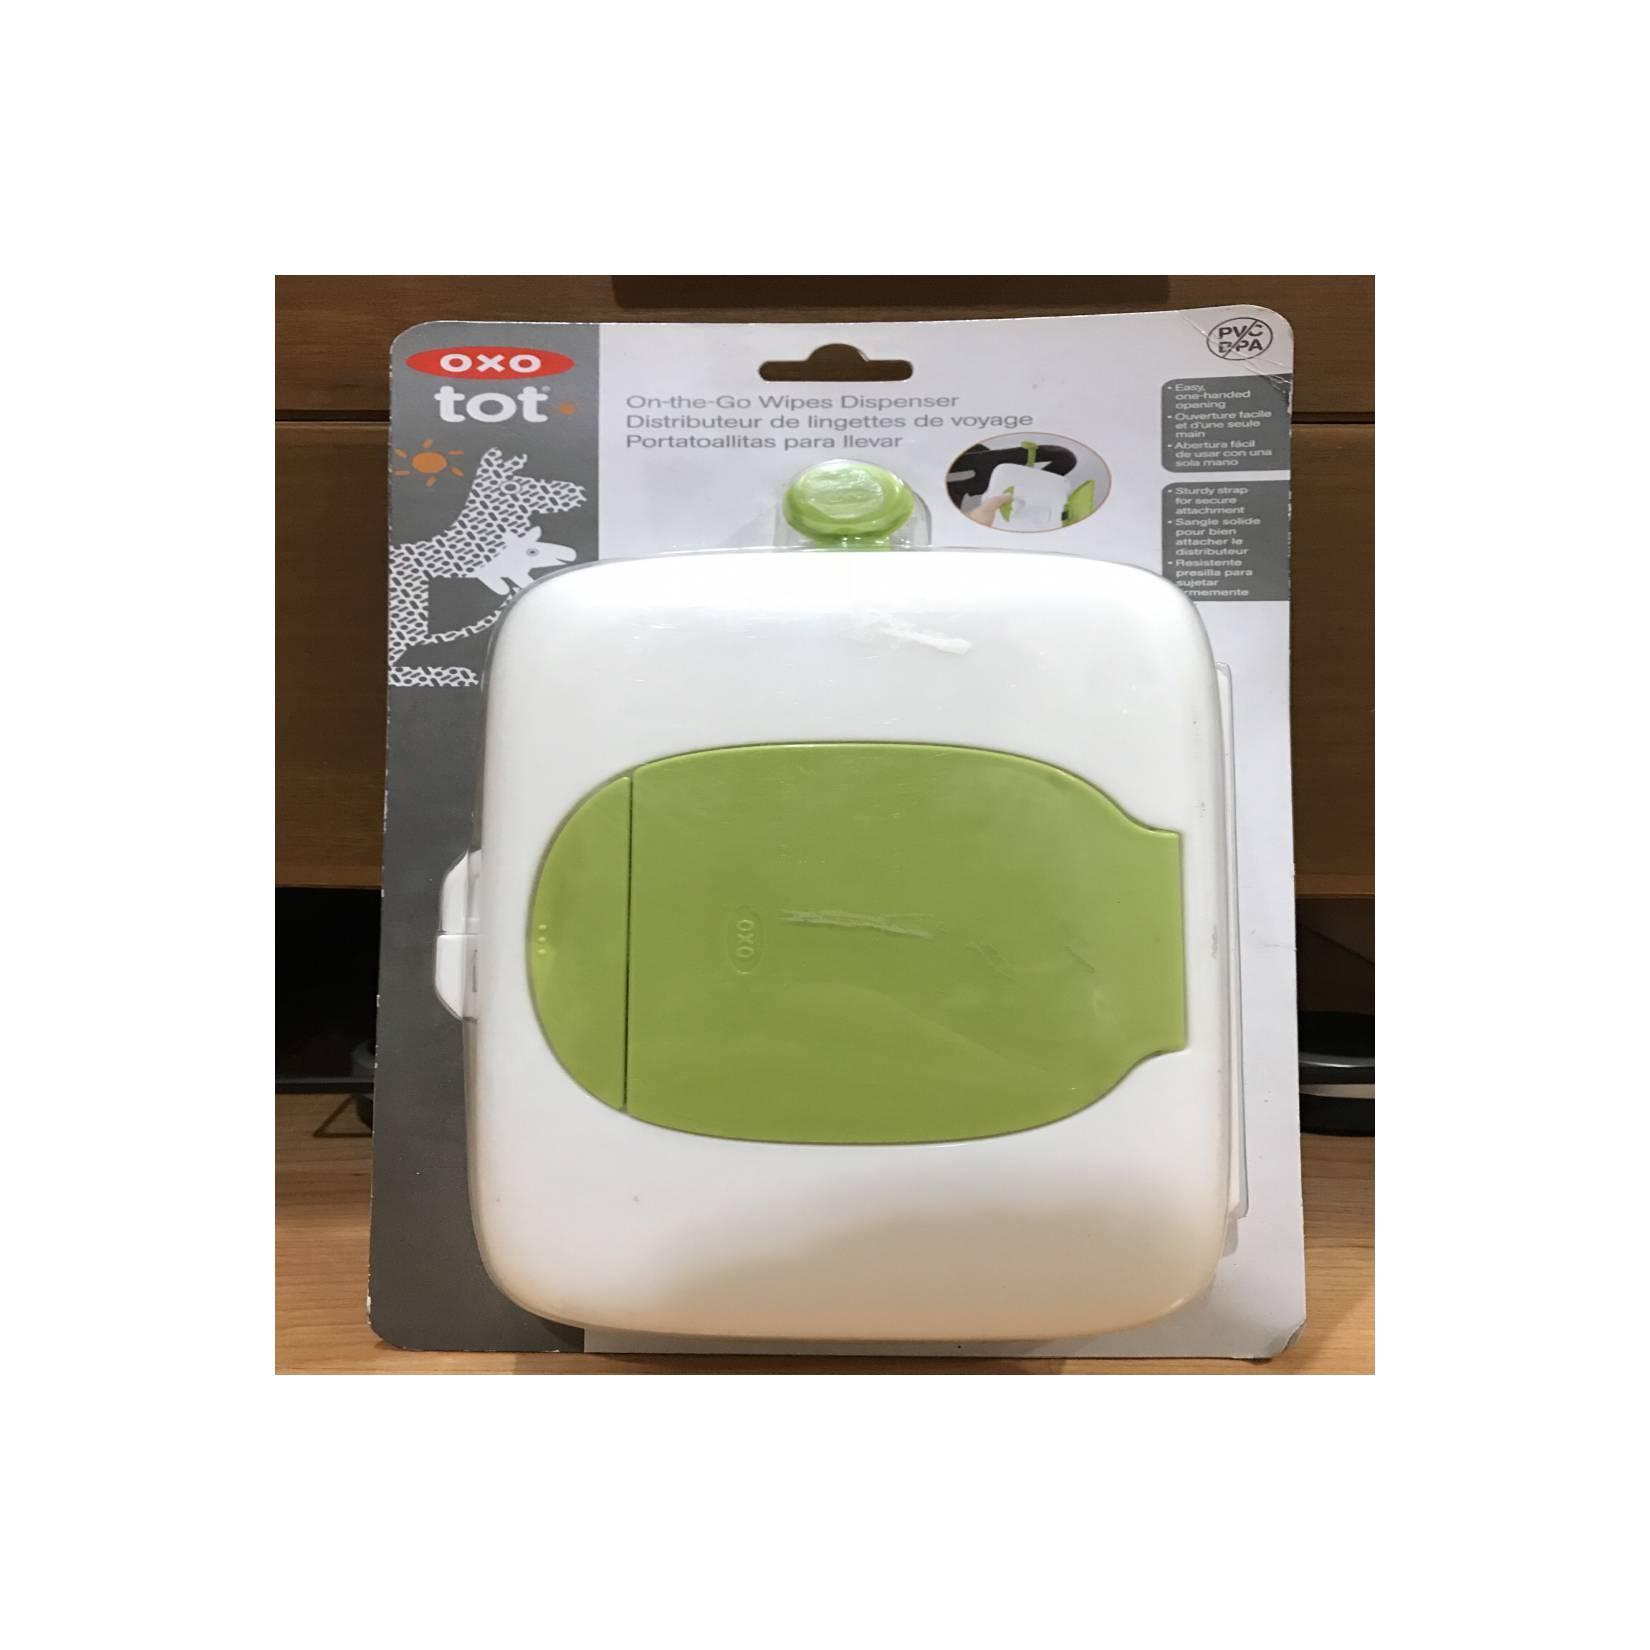 Oxo tot on the go wipes dispenser